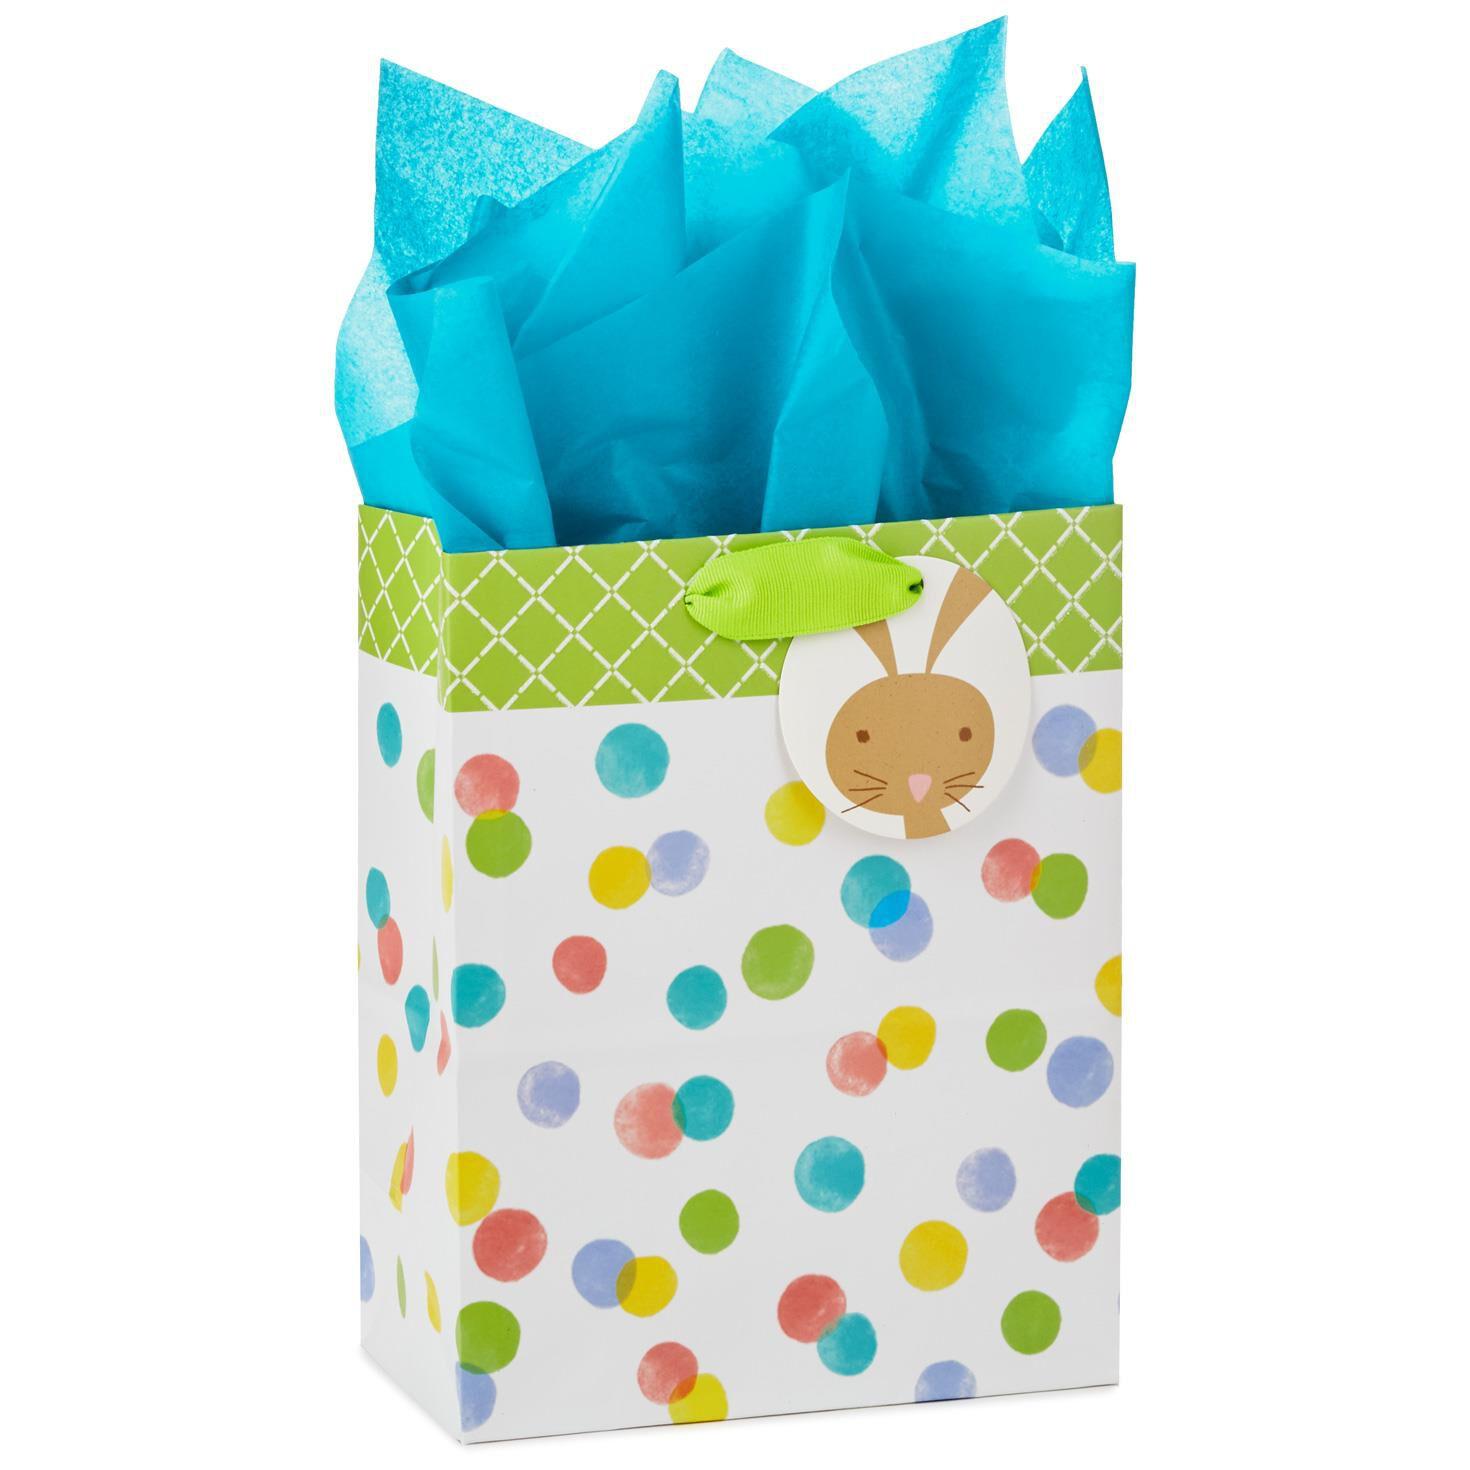 Polka Dots Medium Gift Bag With Bunny Tag and Tissue ...  sc 1 st  Hallmark & Polka Dots Medium Gift Bag With Bunny Tag and Tissue 9.6